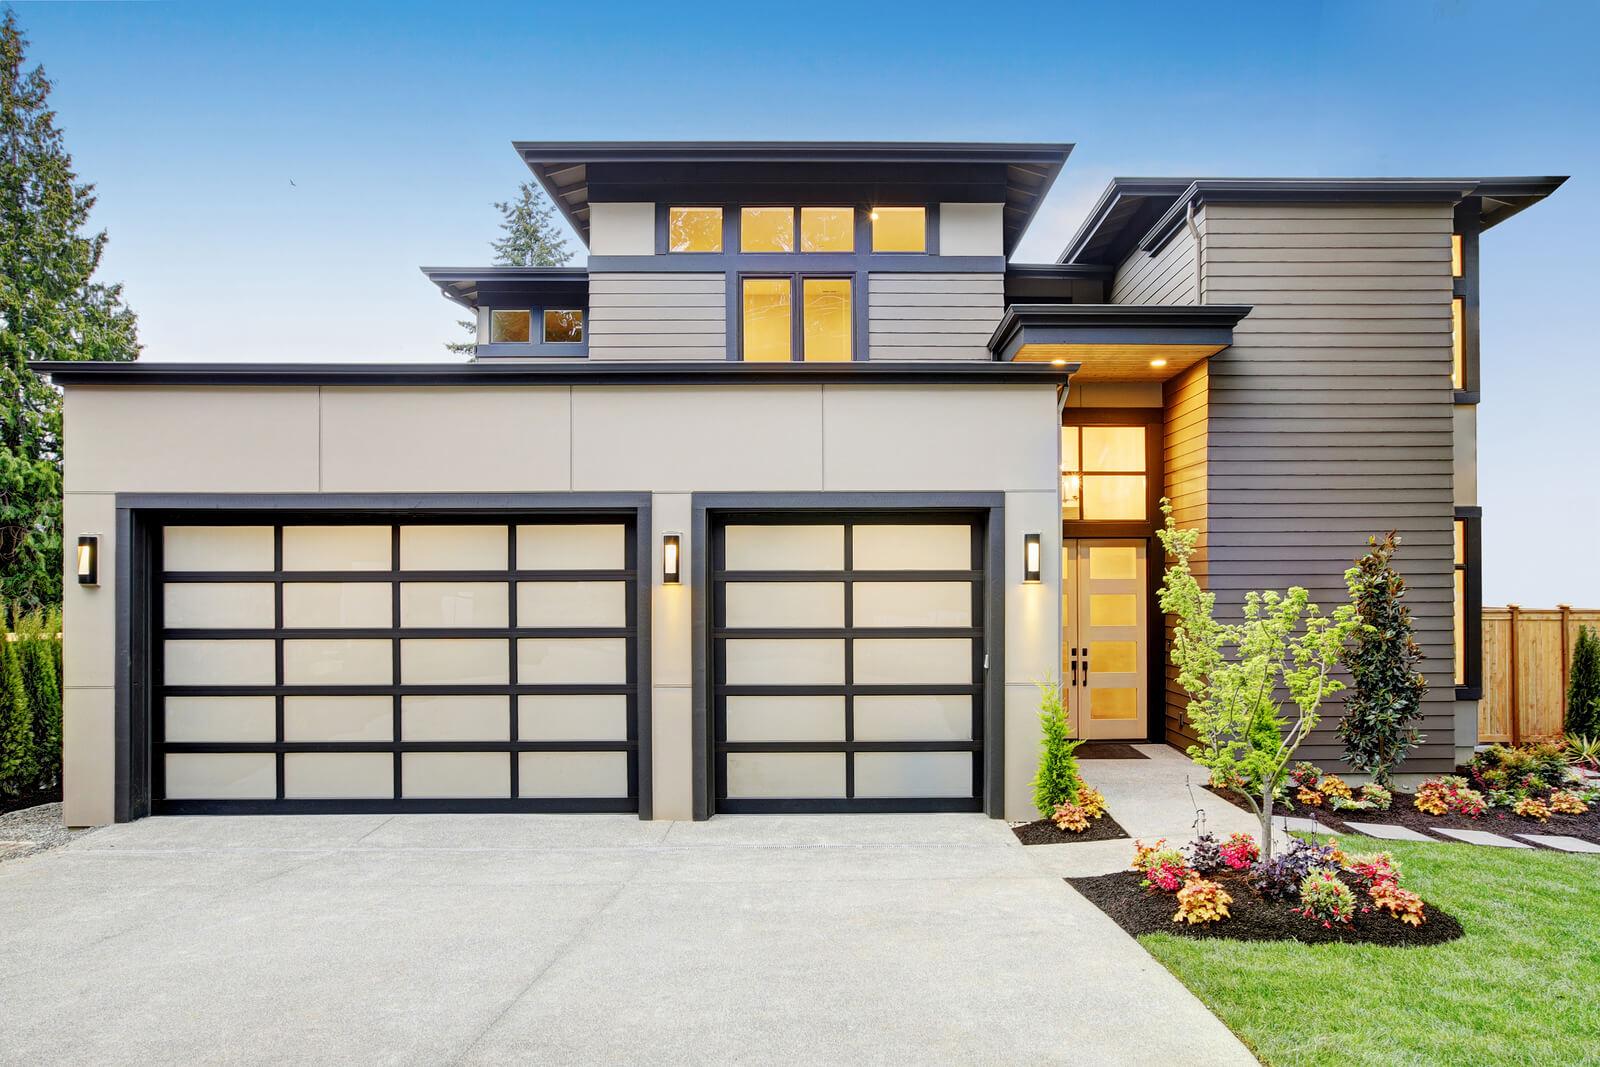 aluminum-garage-door-with-tinted-glass